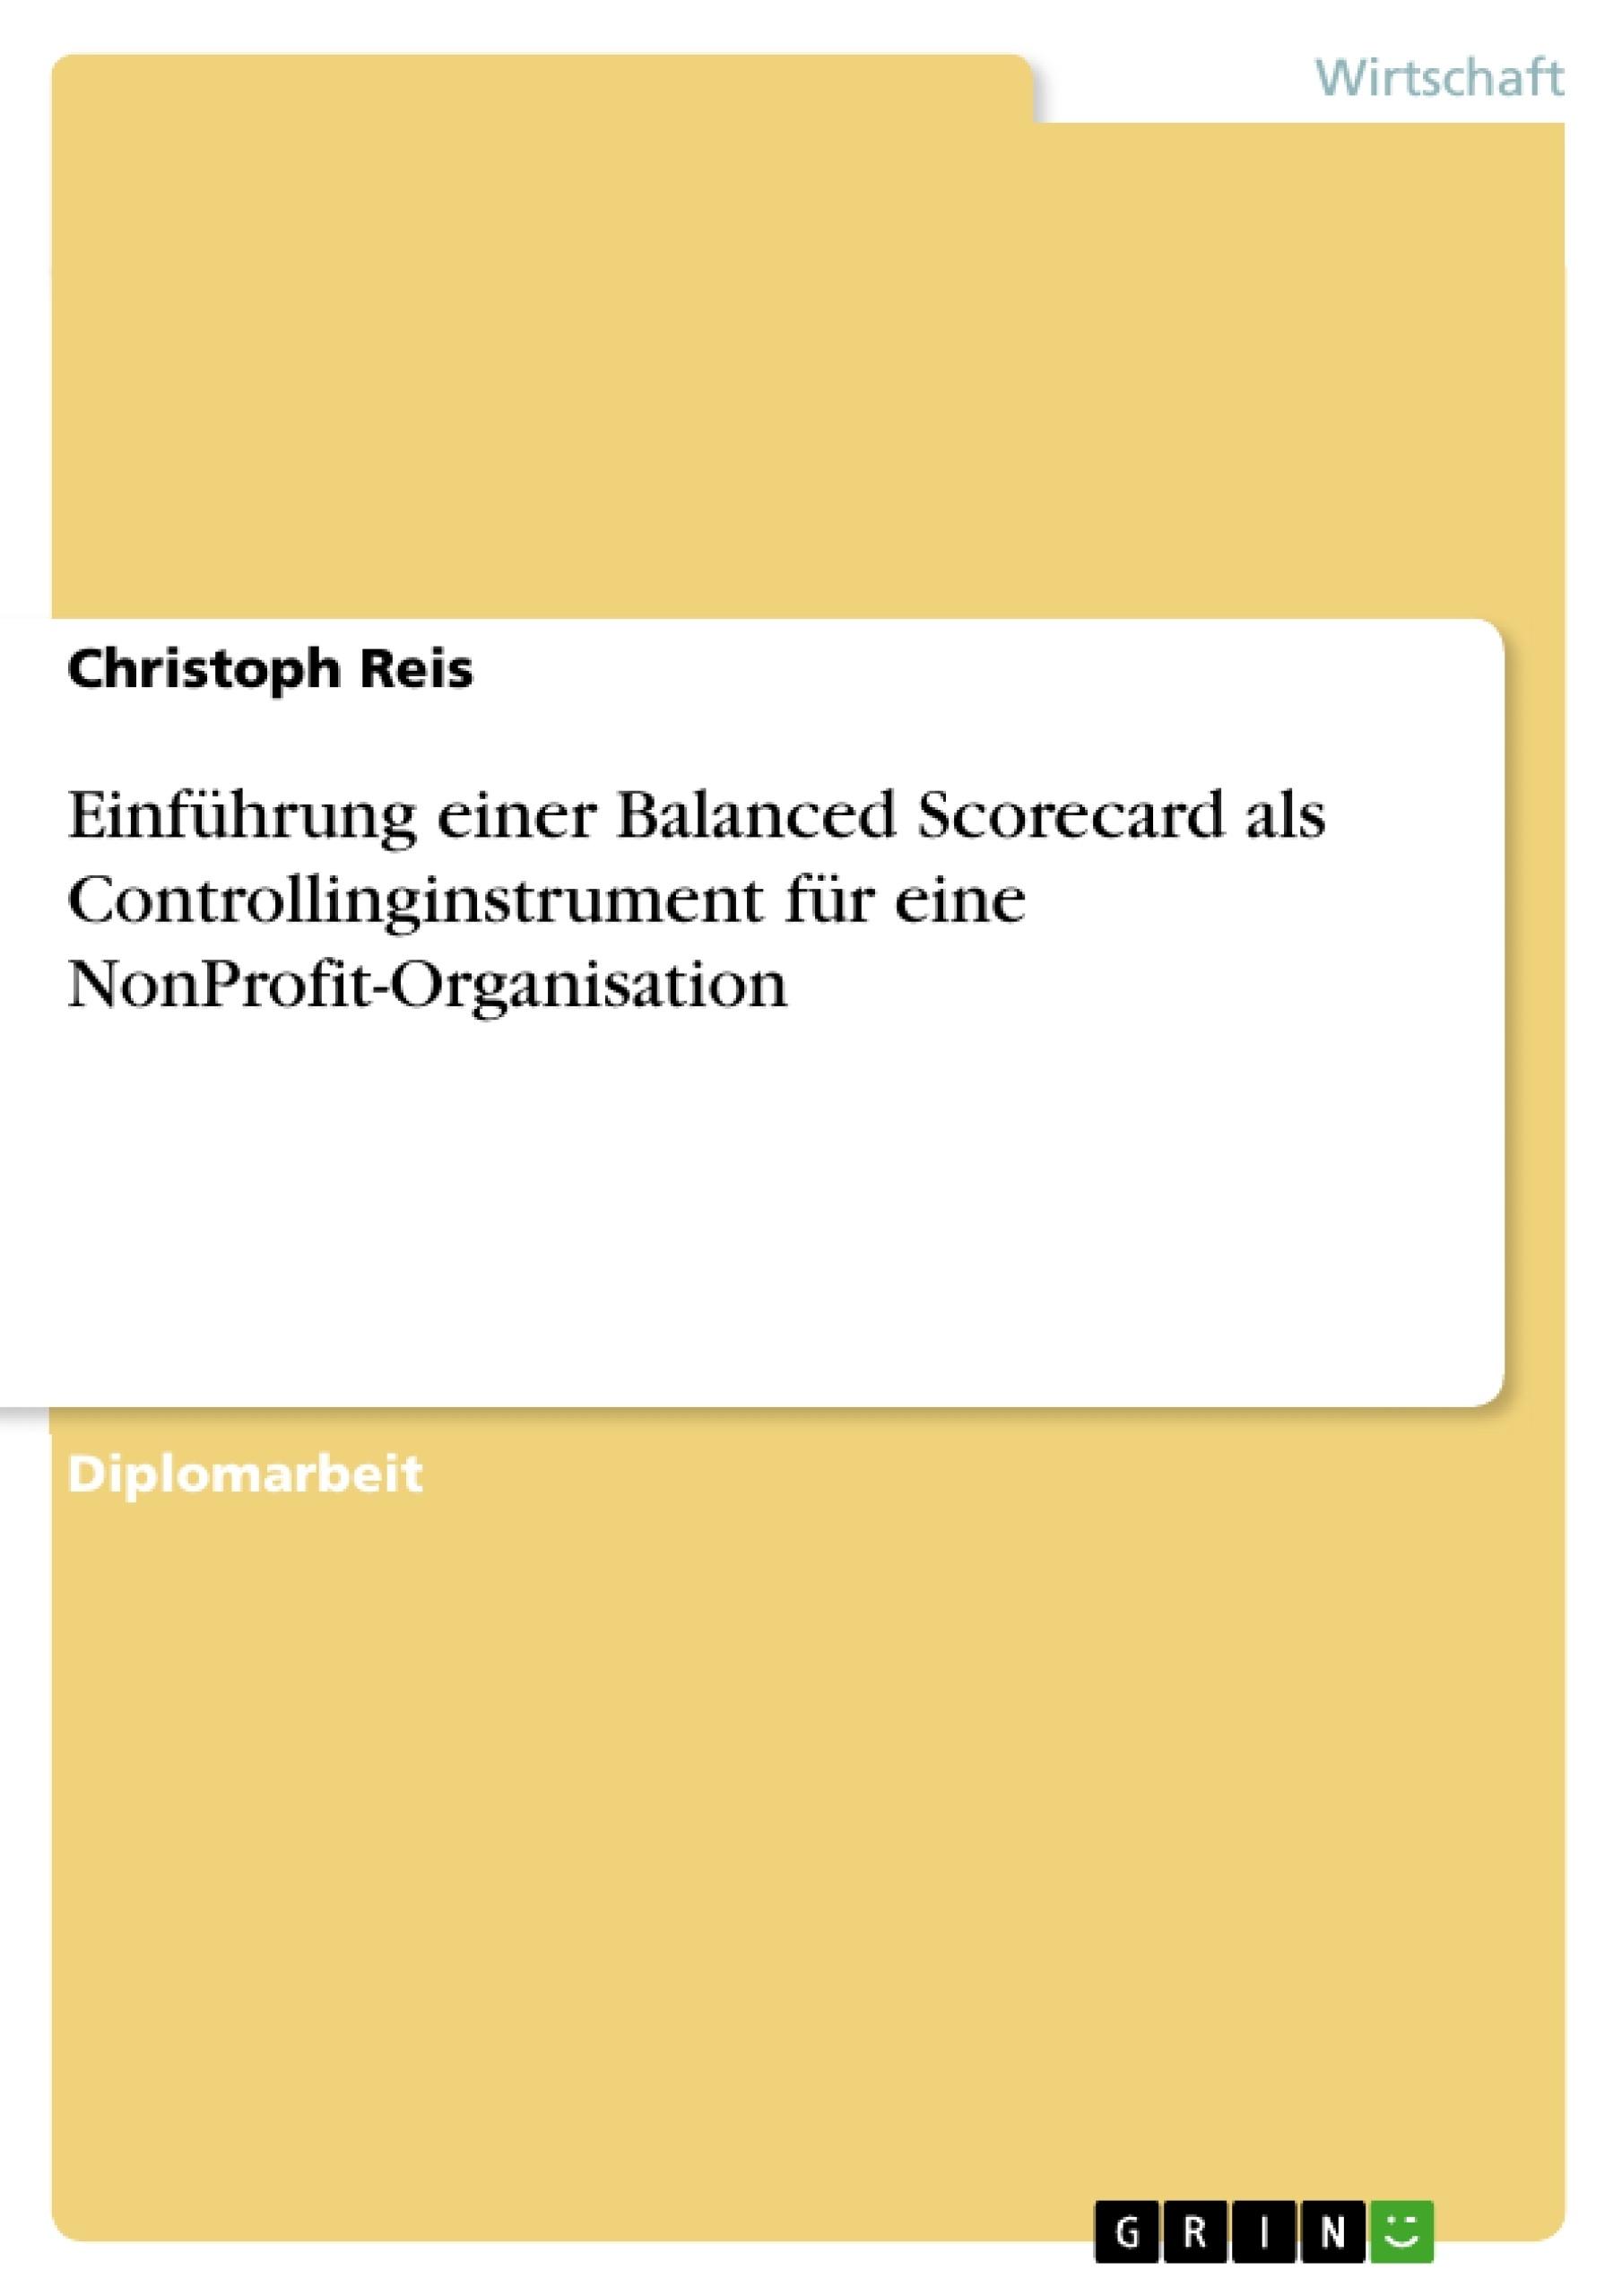 Titel: Einführung einer Balanced Scorecard als Controllinginstrument für eine NonProfit-Organisation